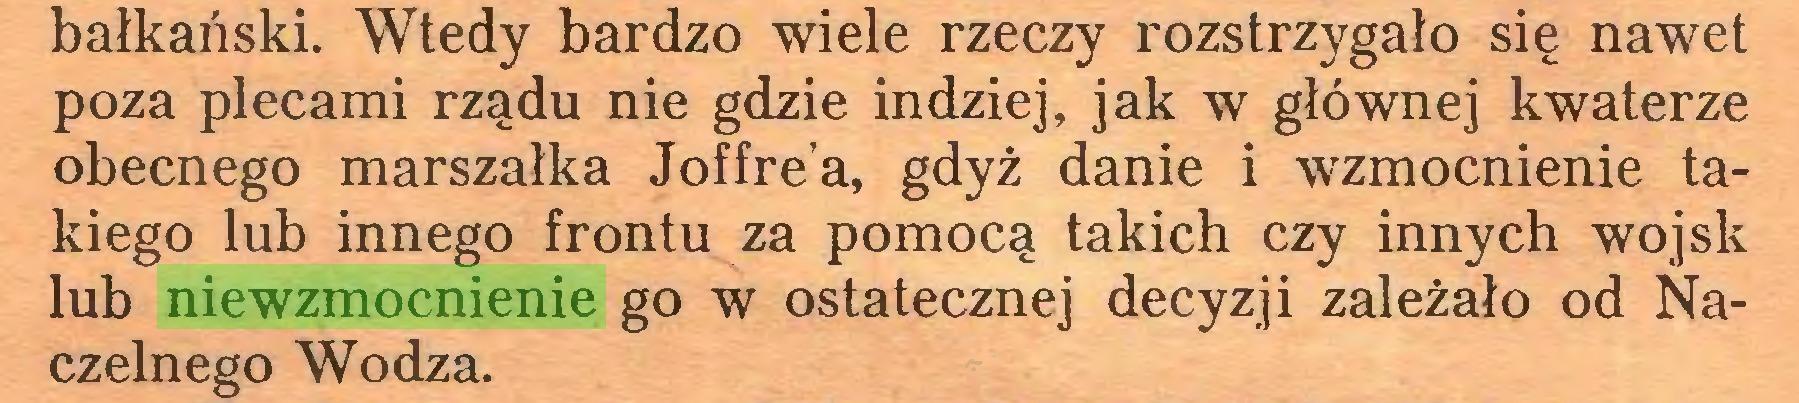 (...) bałkański. Wtedy bardzo wiele rzeczy rozstrzygało się nawet poza plecami rządu nie gdzie indziej, jak w głównej kwaterze obecnego marszałka Joffrea, gdyż danie i wzmocnienie takiego lub innego frontu za pomocą takich czy innych wojsk lub niewzmocnienie go w ostatecznej decyzji zależało od Naczelnego Wodza...